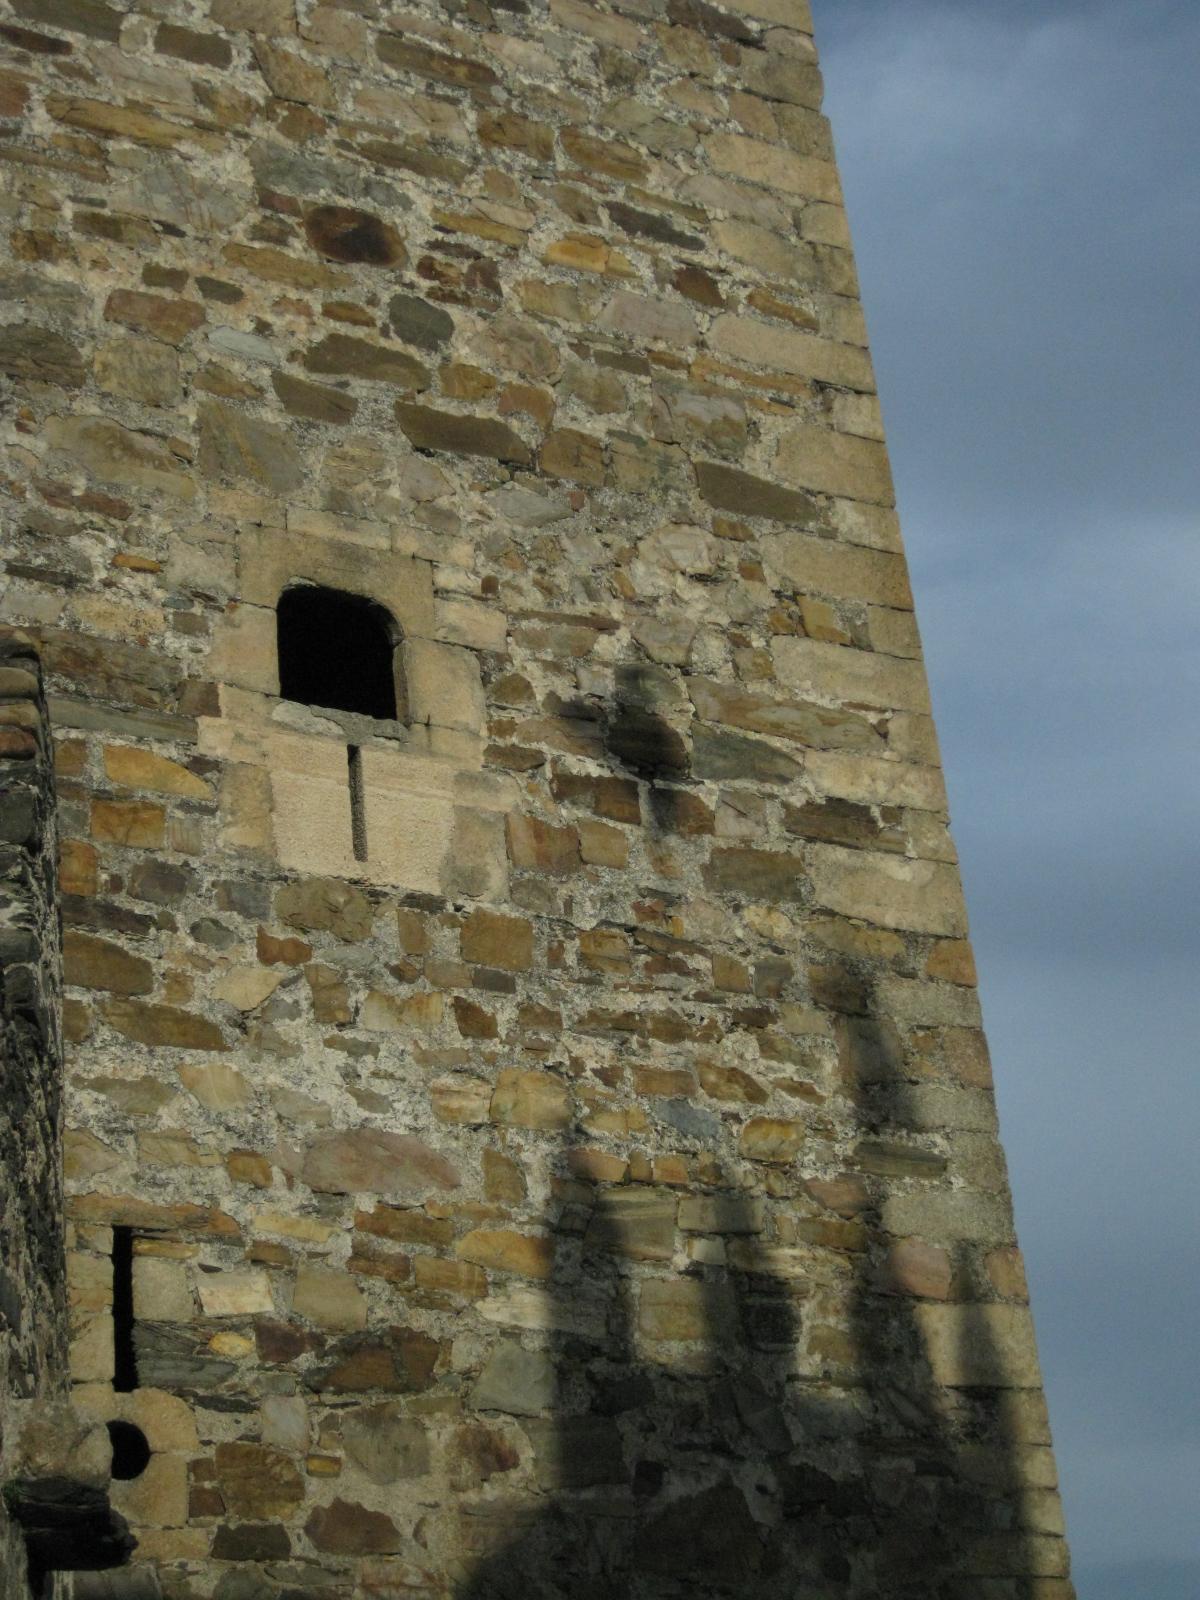 Sombras de otro tiempo. Castillo templario de Ponferrada